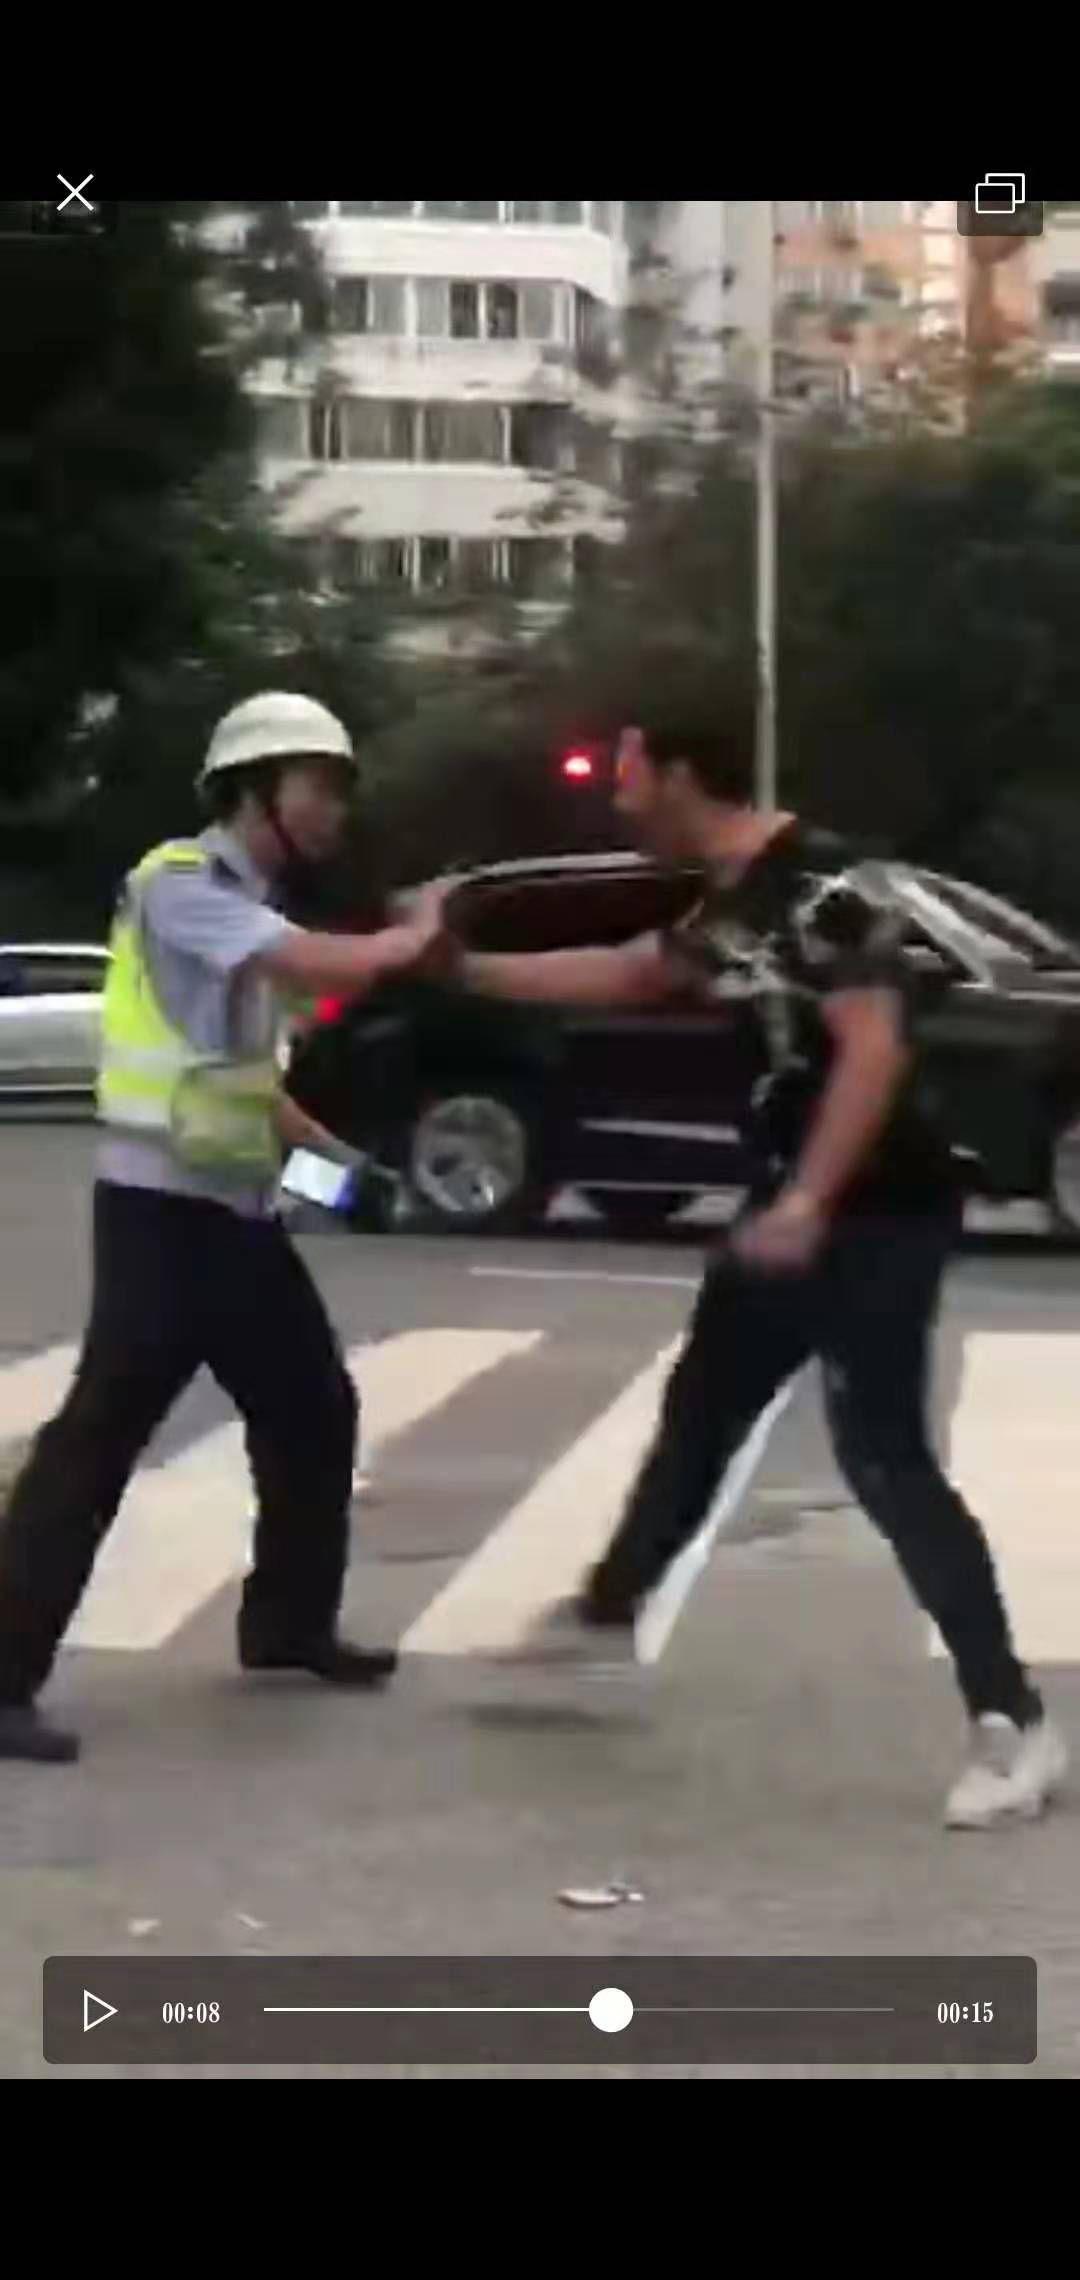 福州一留门生骑车违规载人、推搡民警 校方称将处理赏罚